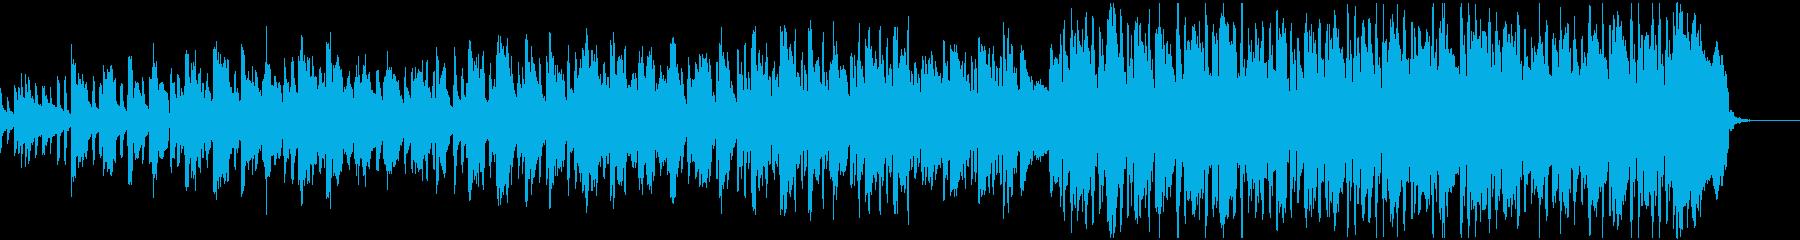 ゆったりとしたアコースティックサウンドの再生済みの波形